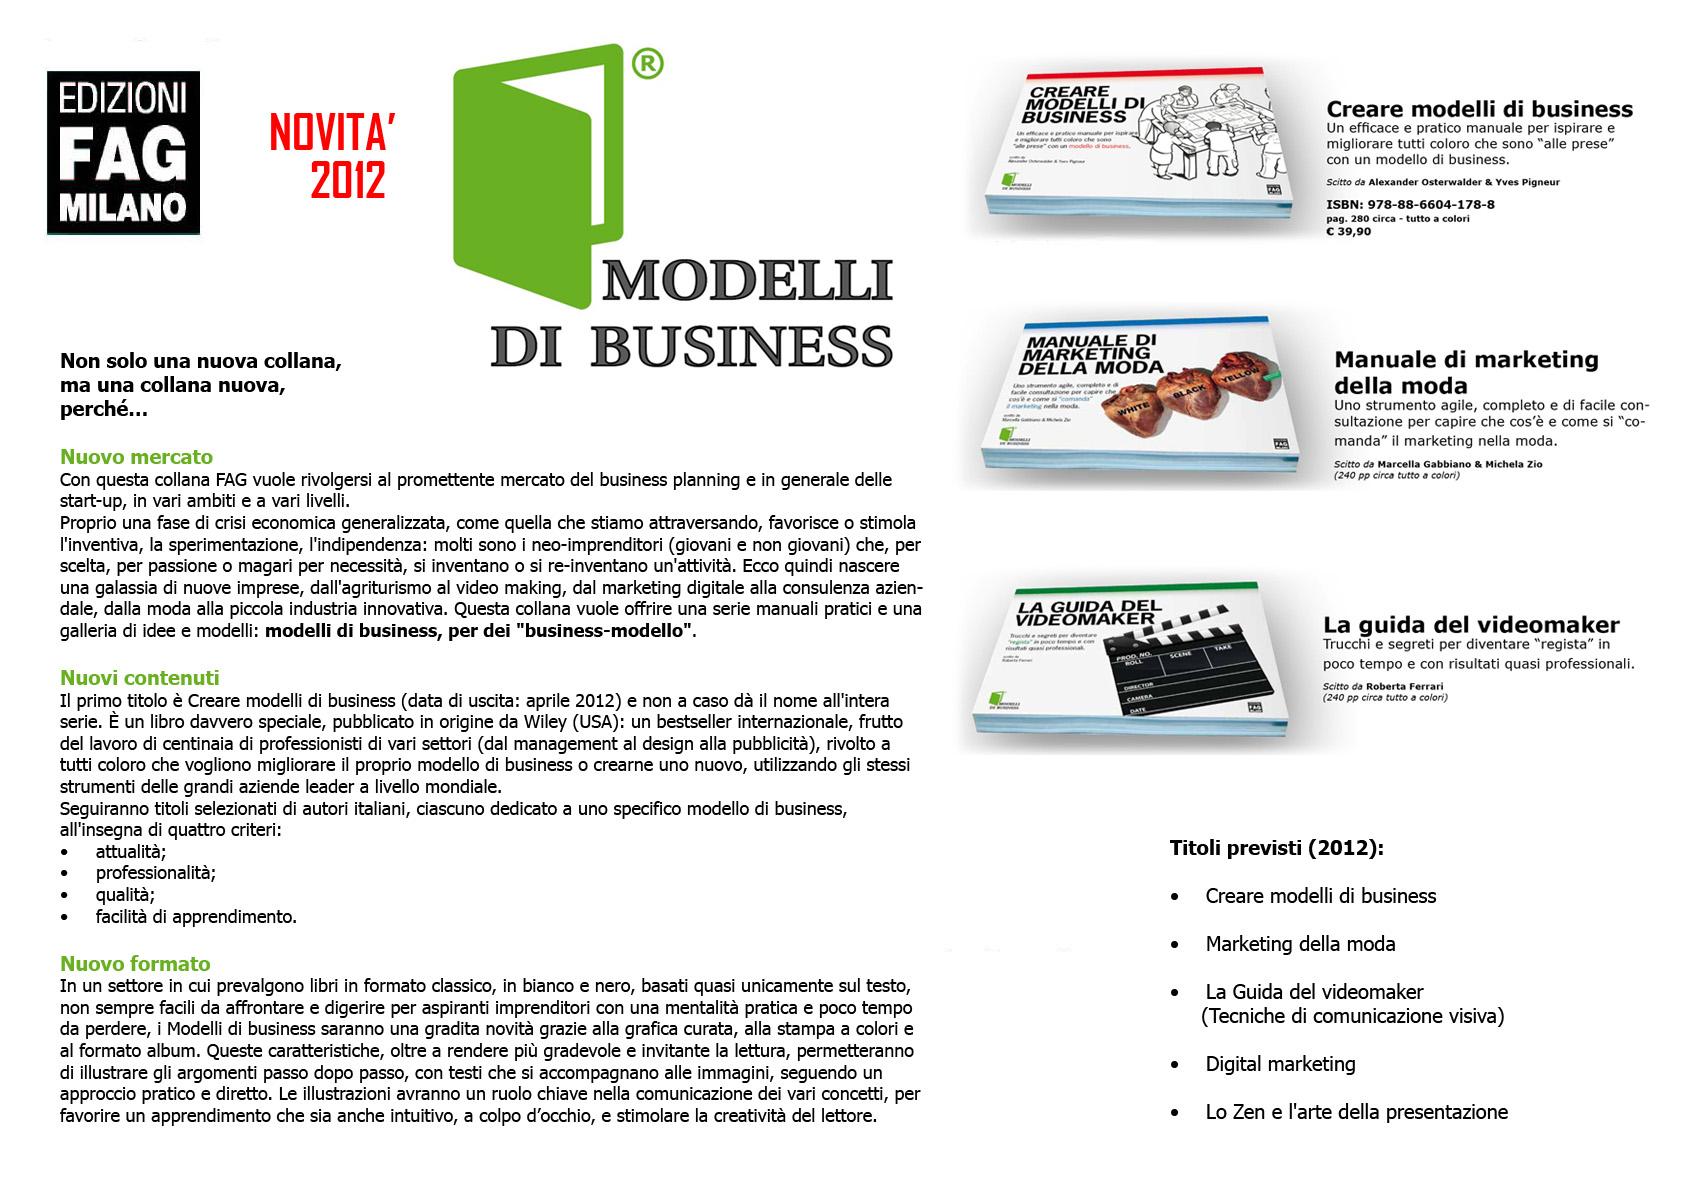 Mdbsk2012-03collanamodellidibusiness